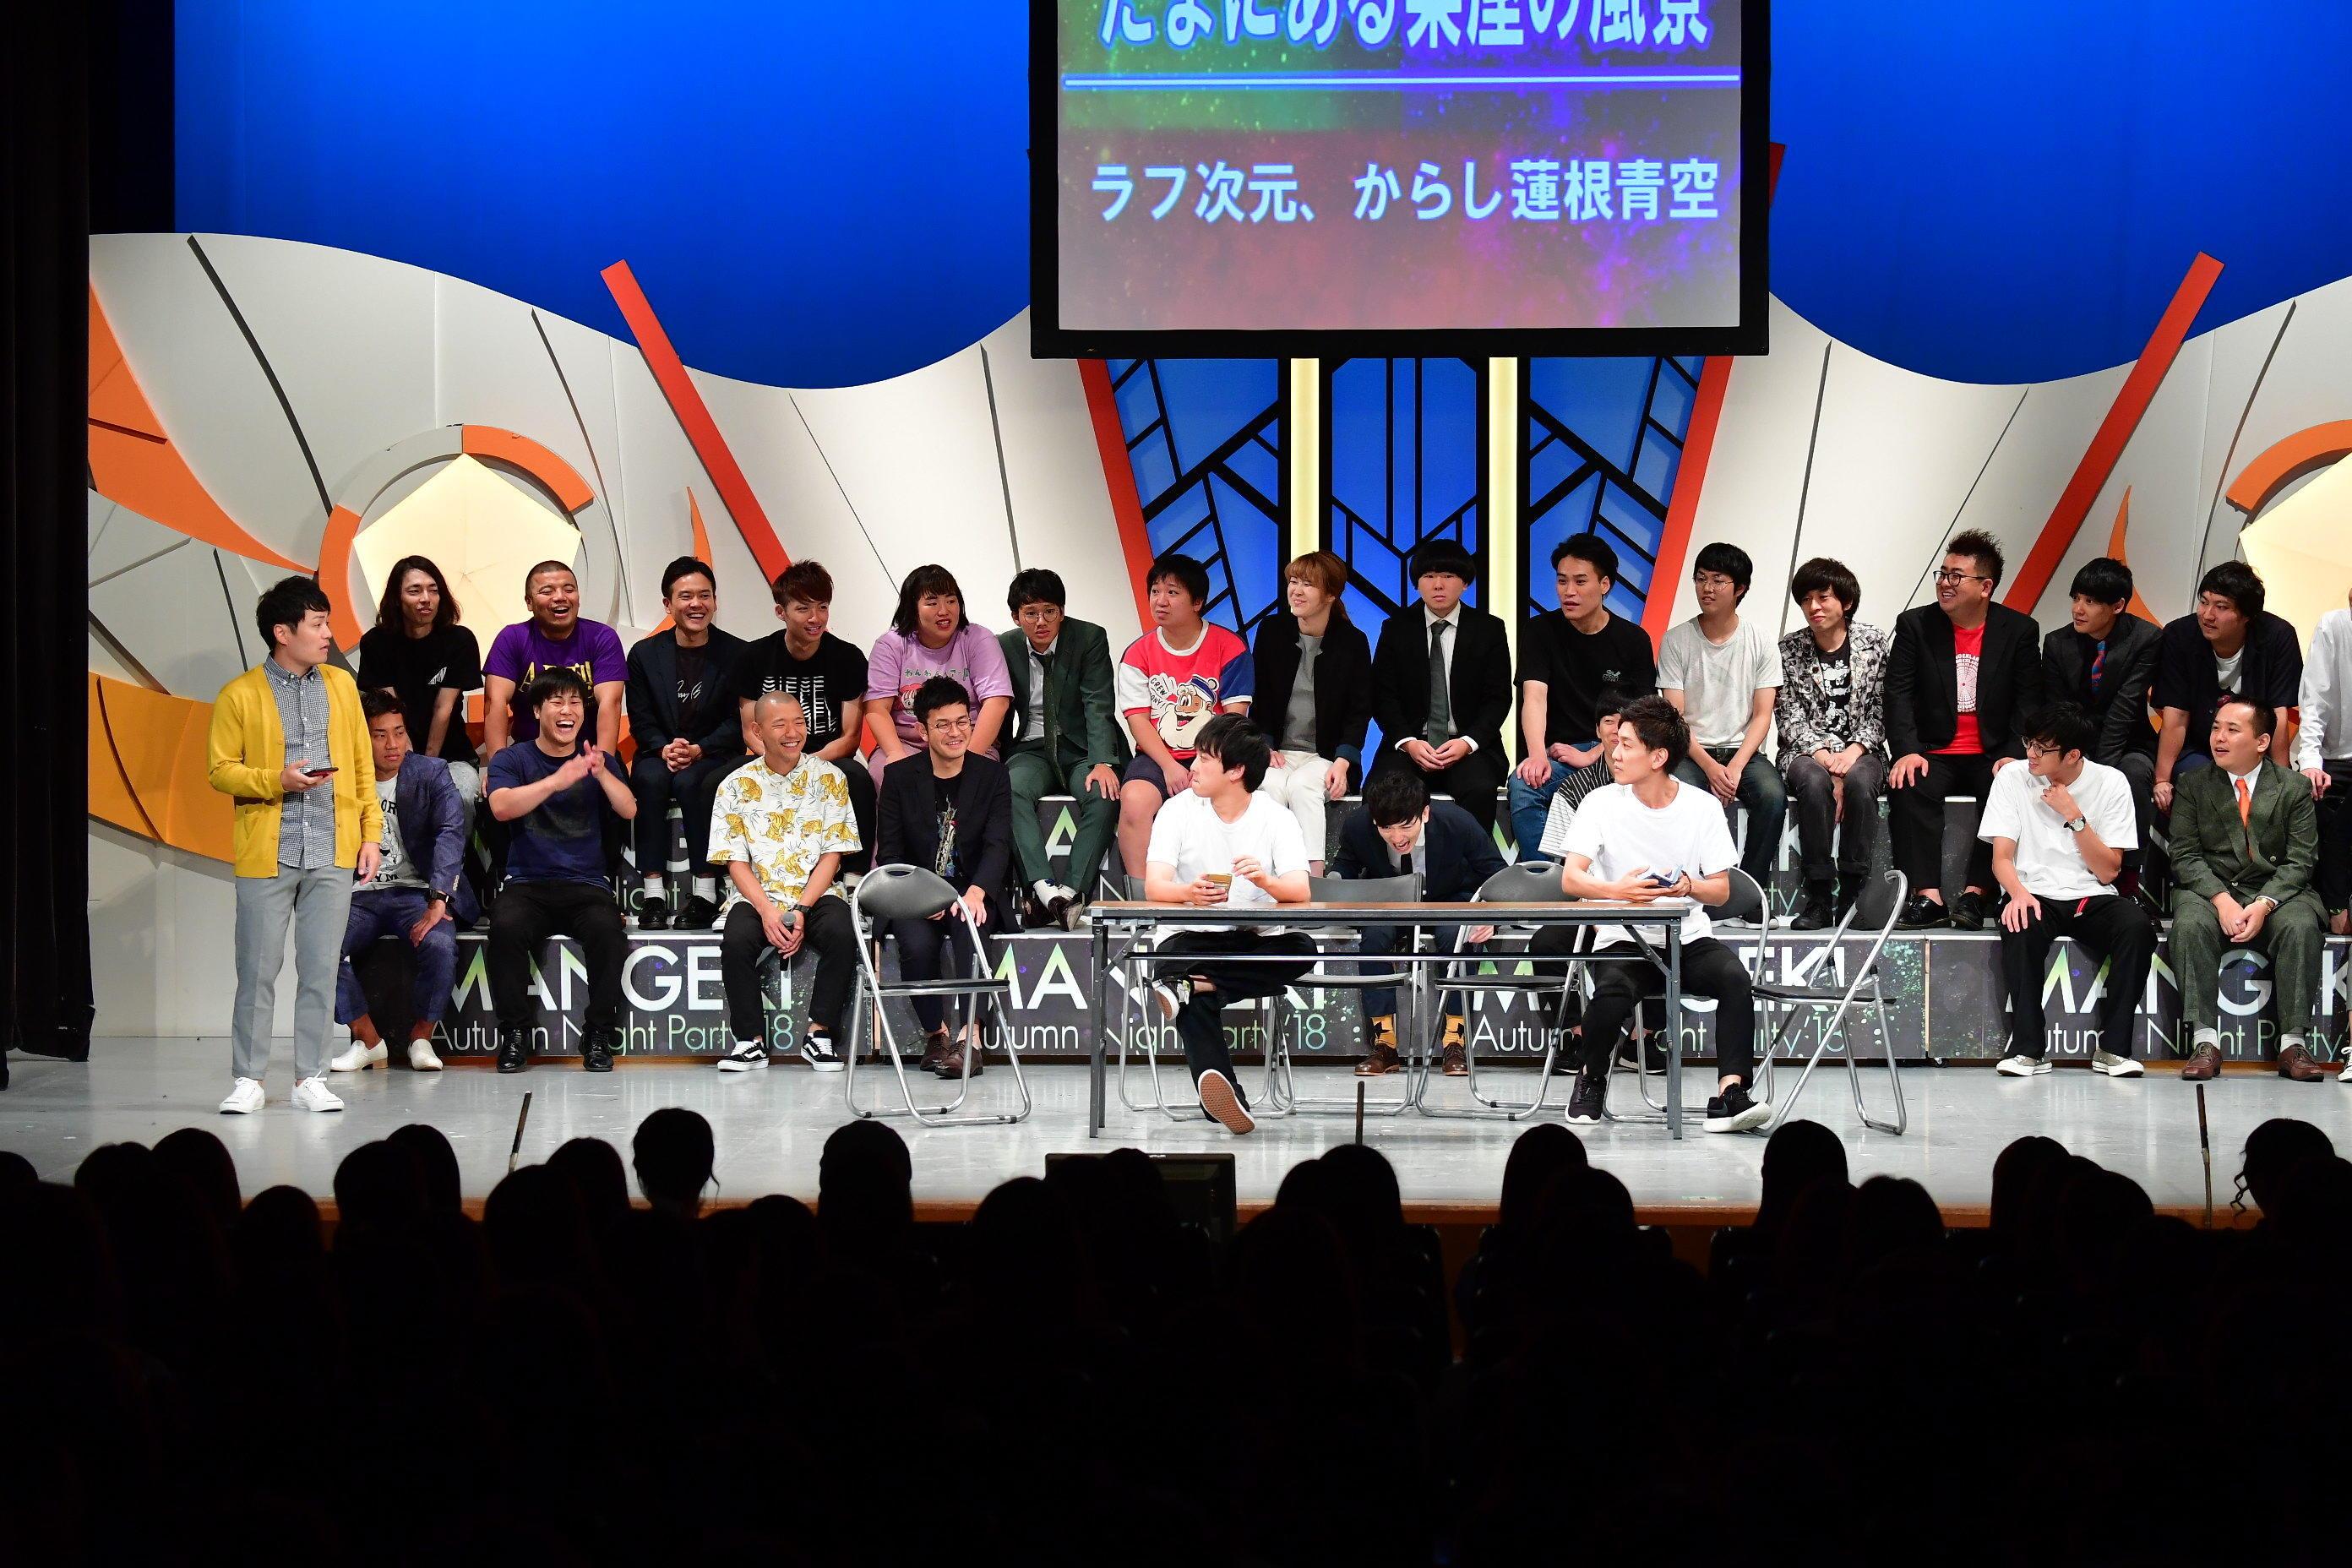 http://news.yoshimoto.co.jp/20180925142917-728b6b994426a2a1d5f6c088f9cf478c01880b41.jpg